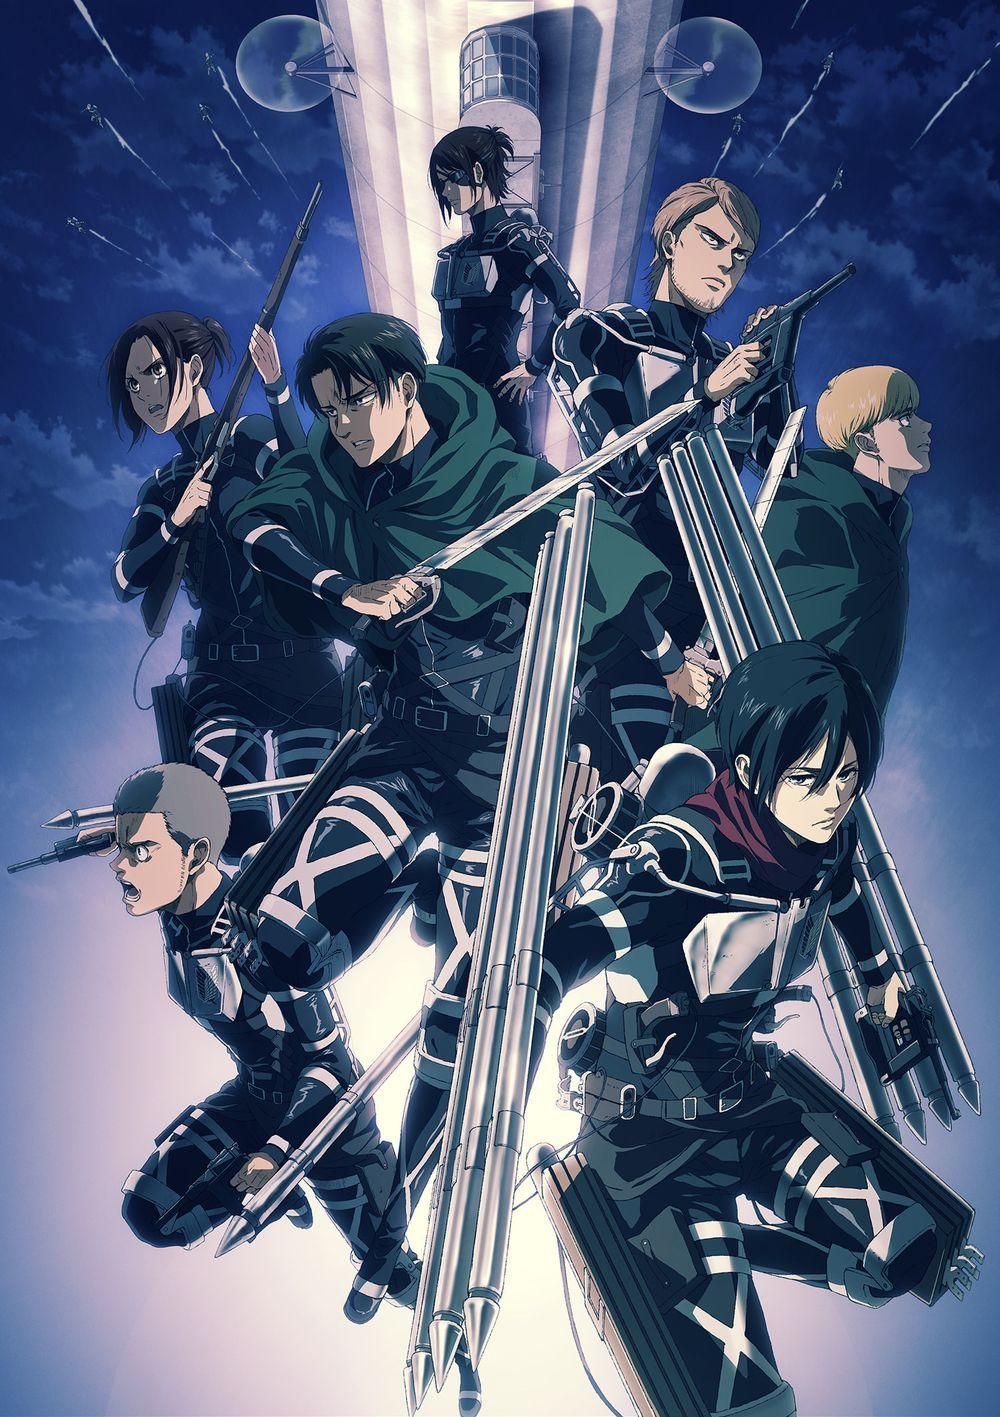 進擊的巨人 第四季 / Shingeki no Kyojin – The Final Season – 15 [OURTV][WEB-DL][1080p][AVC AAC][簡繁英泰越印馬][SRT][MKV]